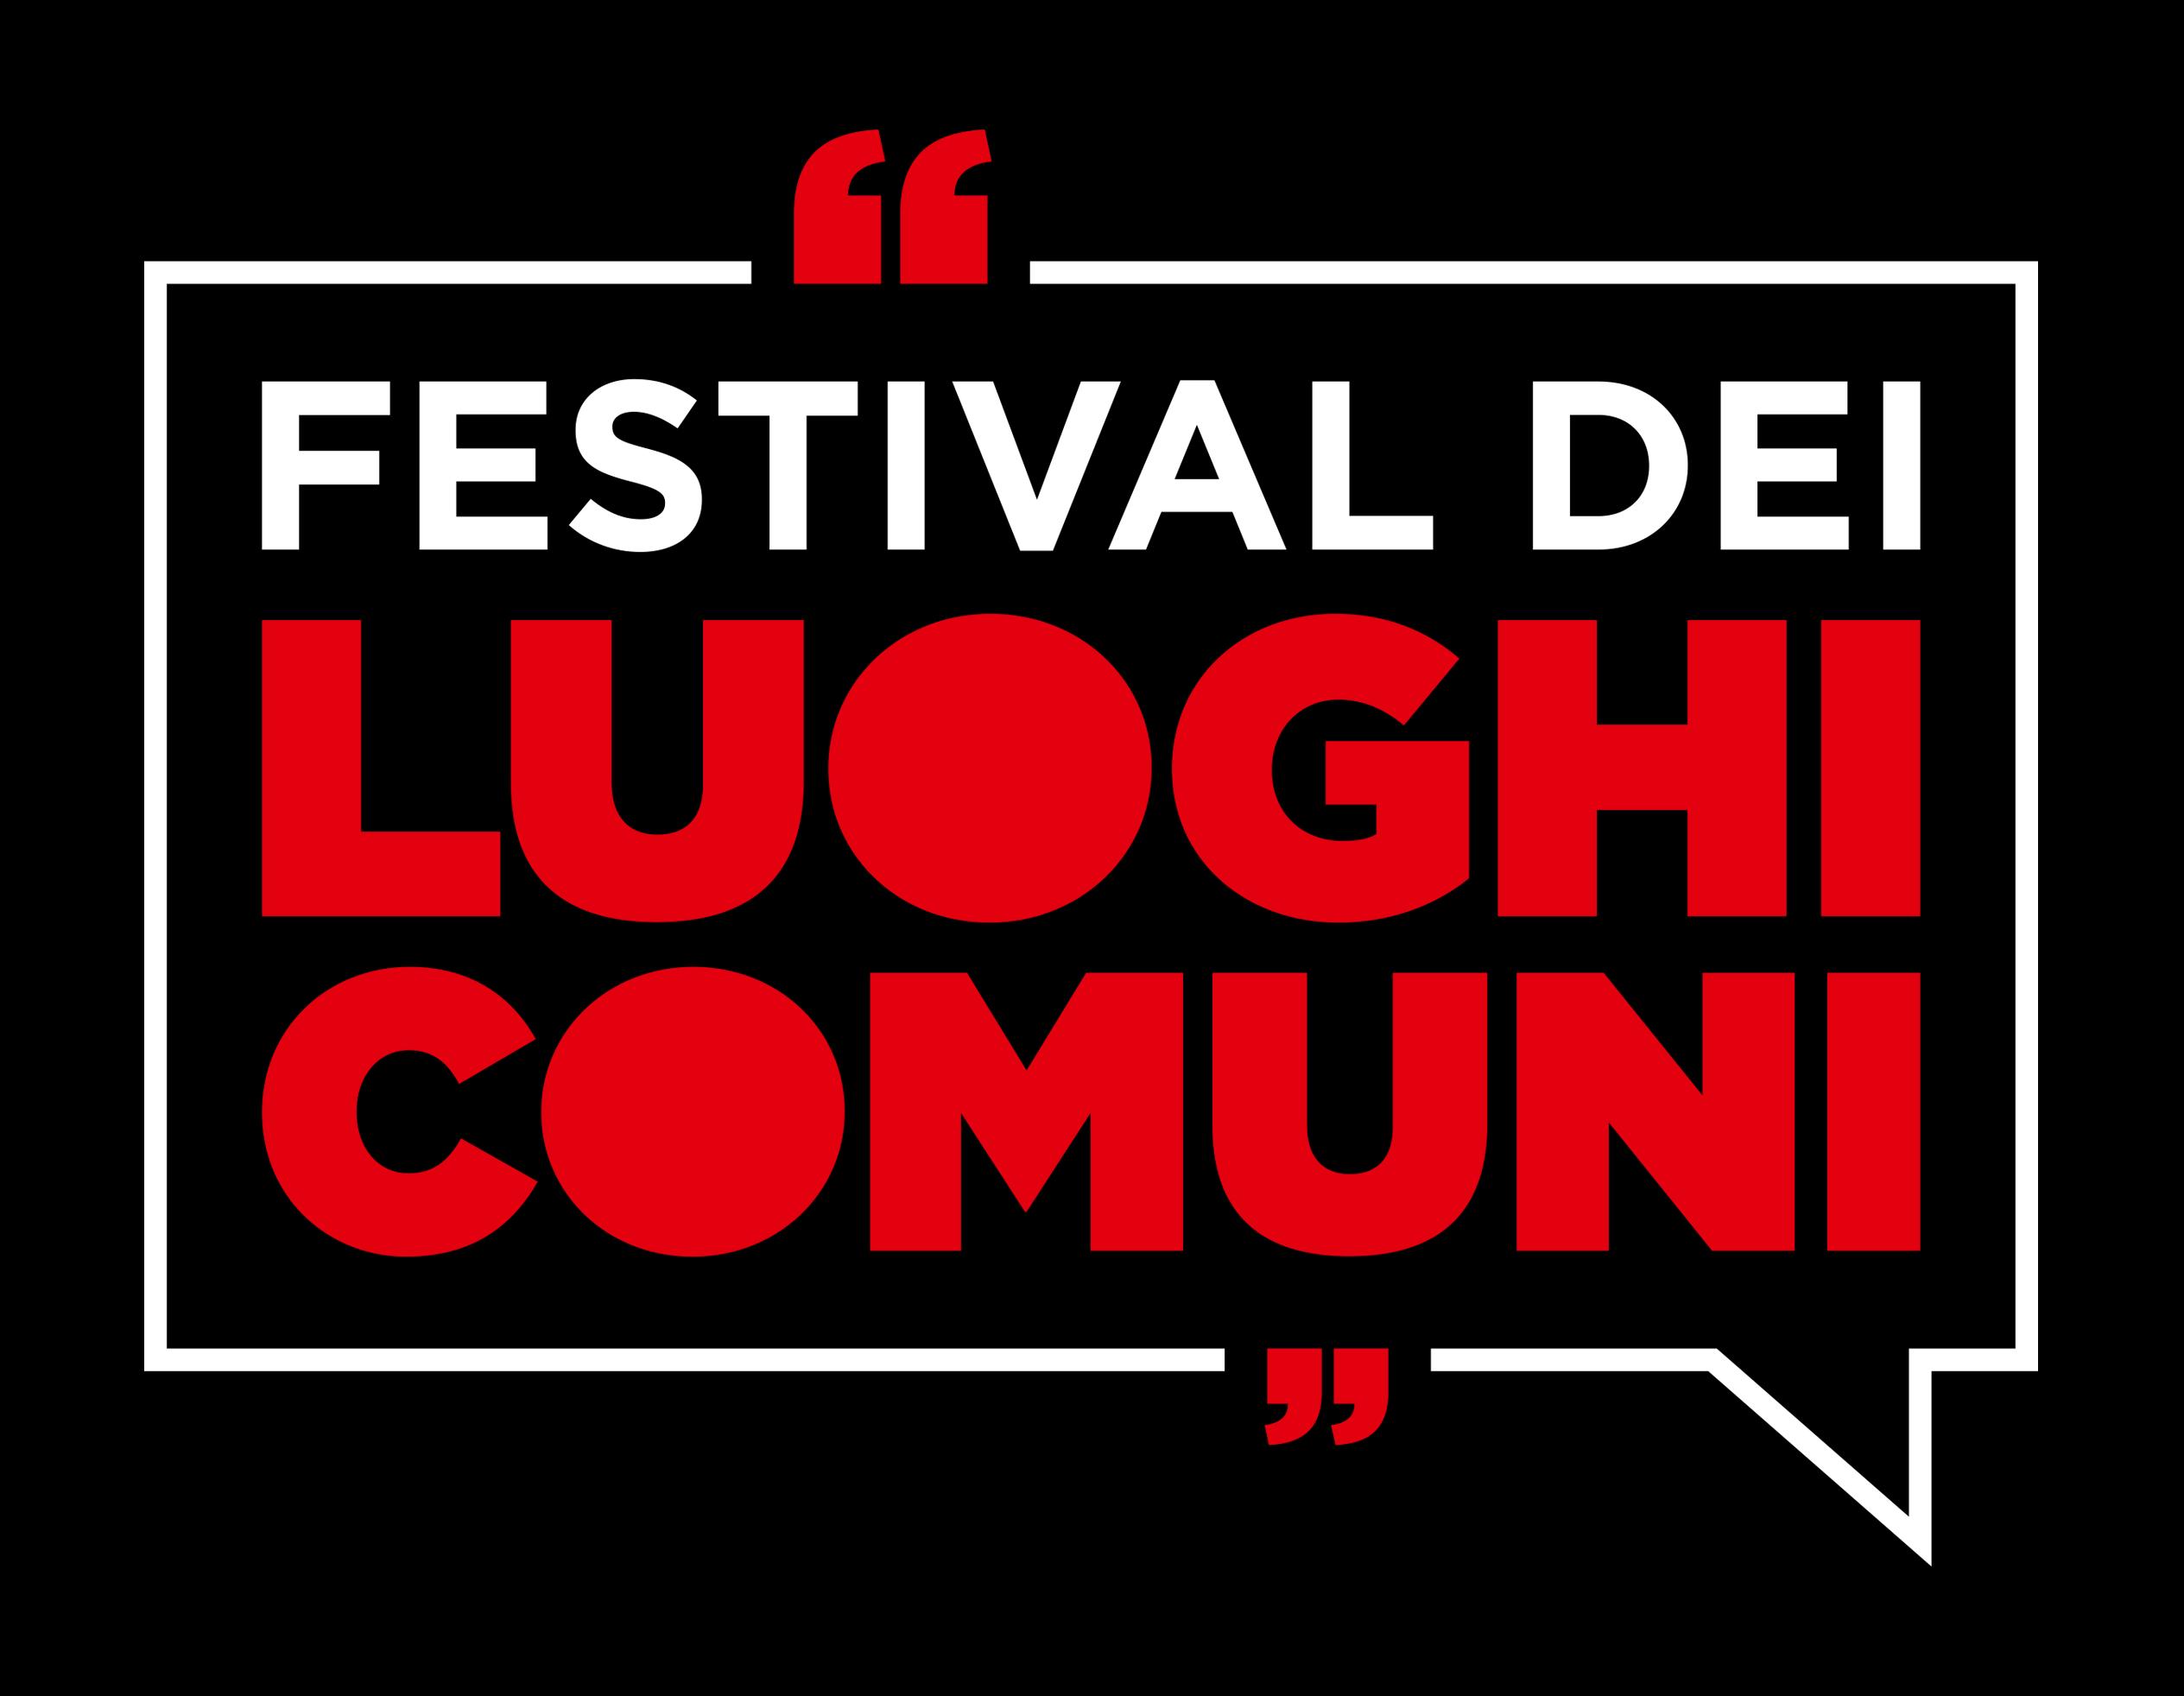 Festival dei Luoghi Comuni